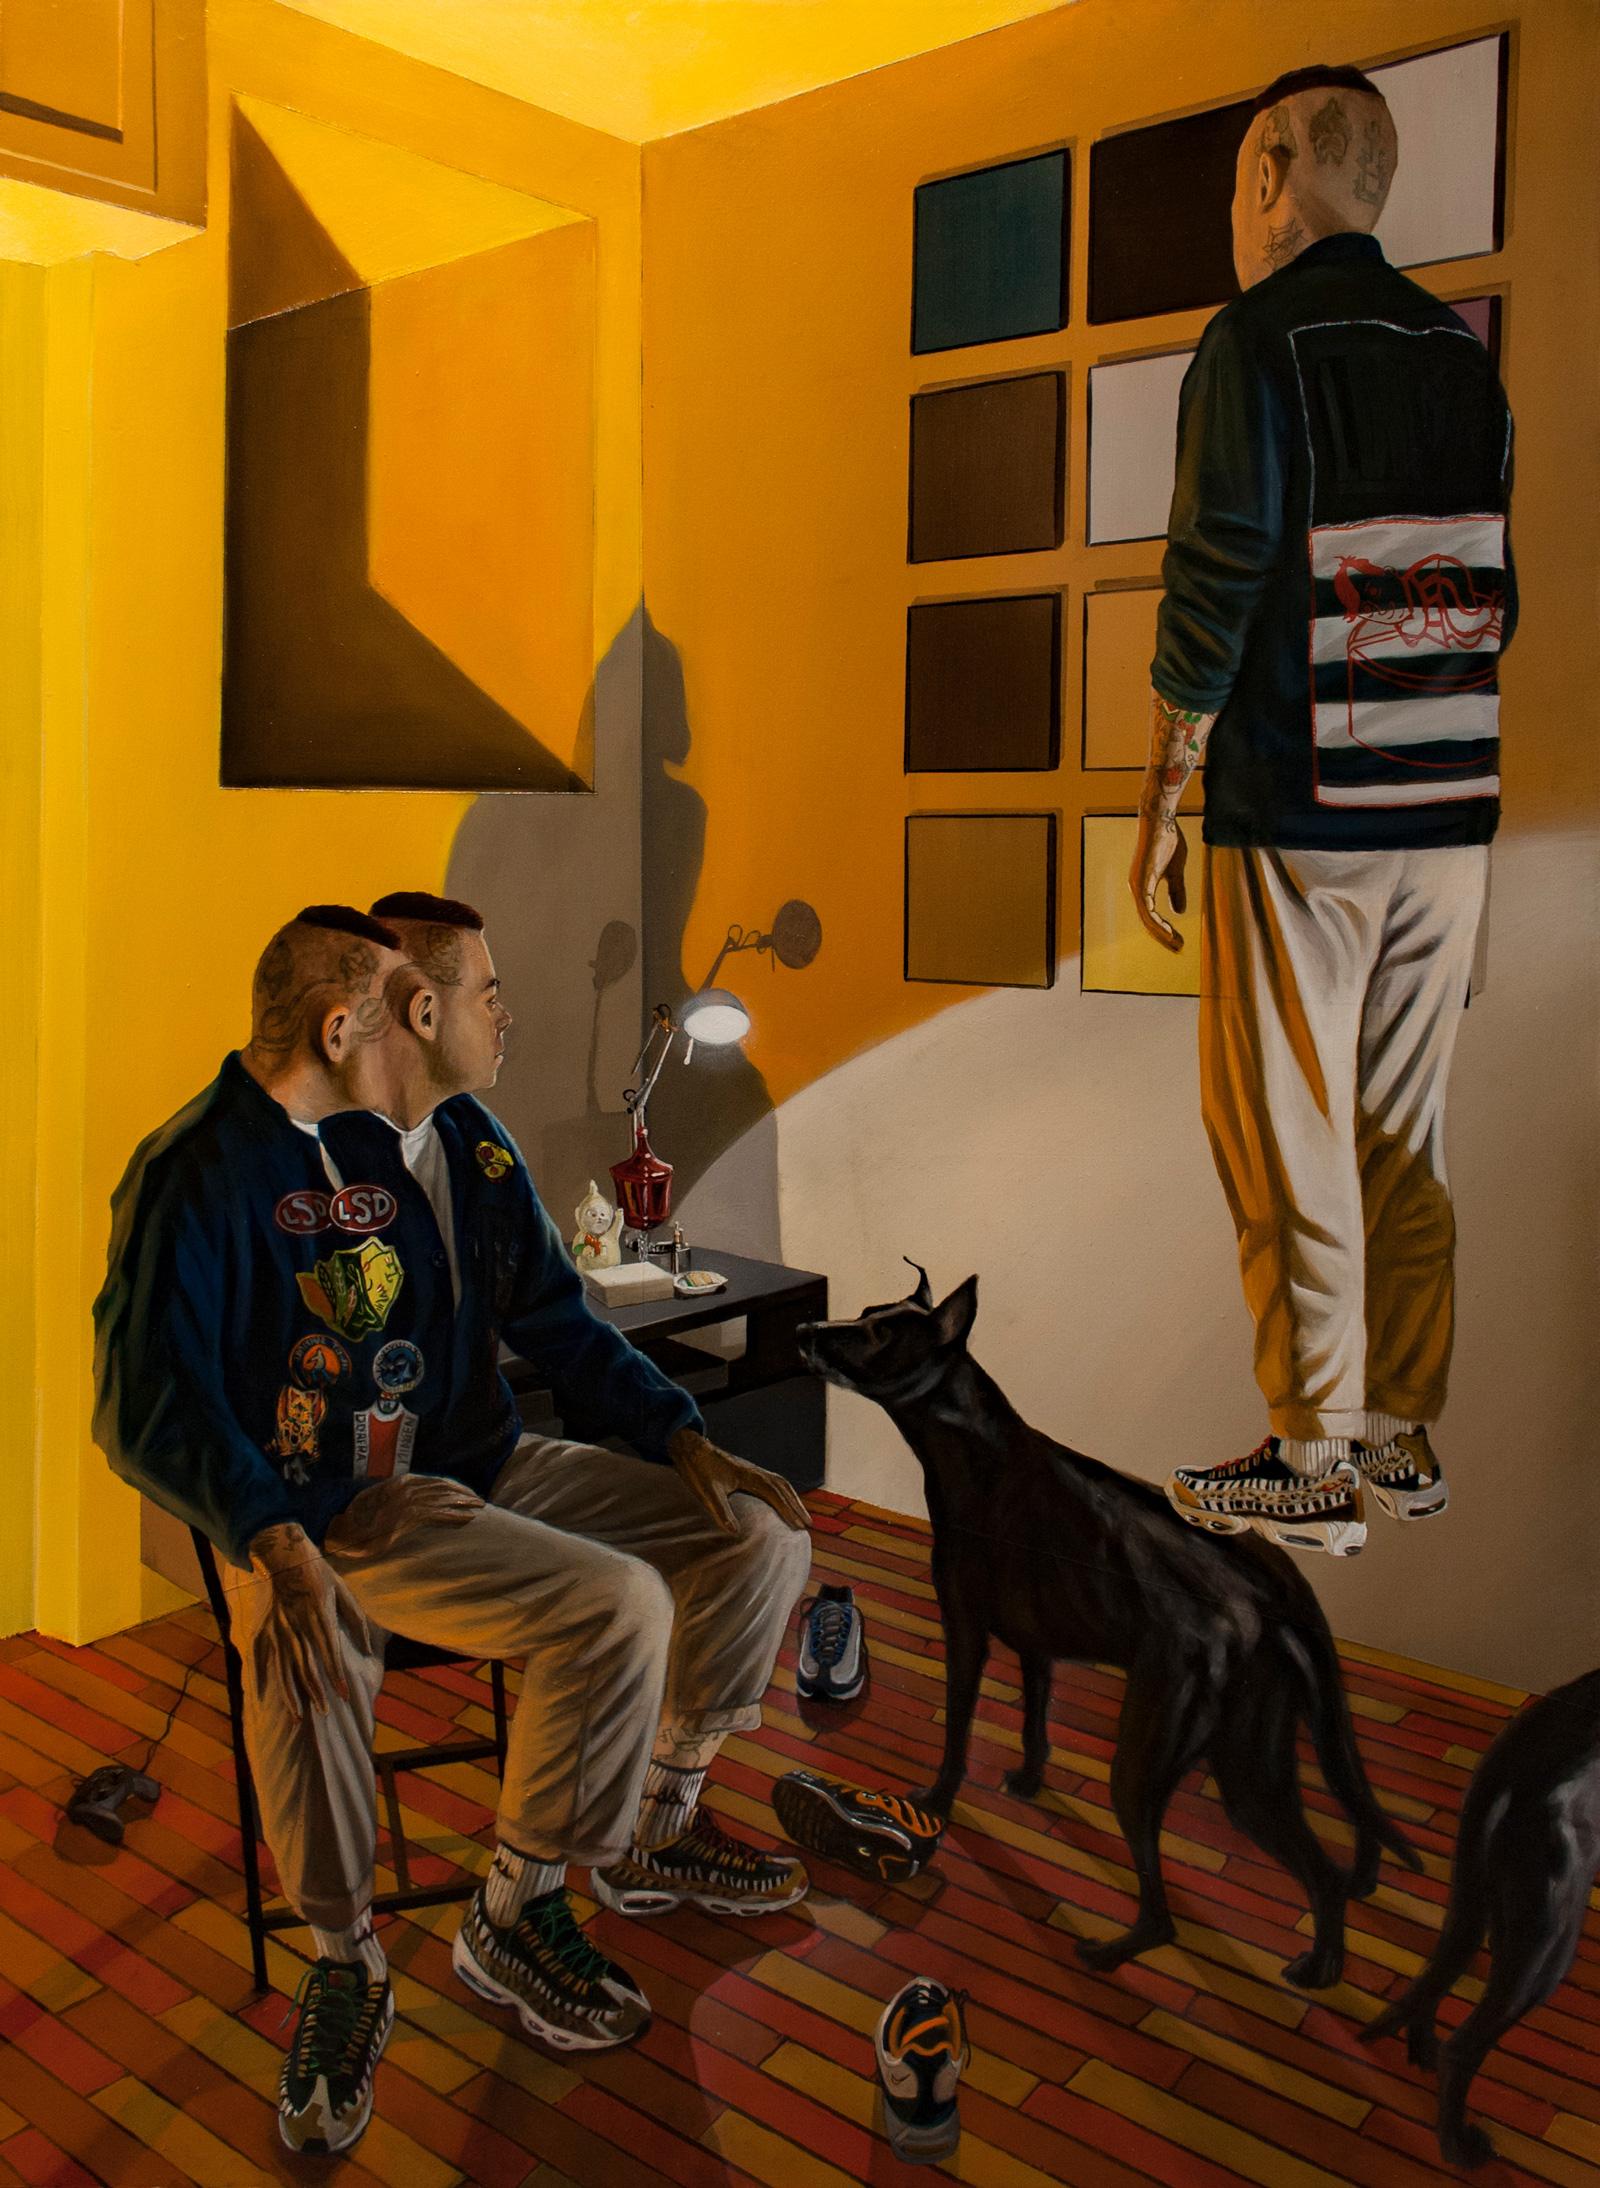 Dario-Maglionico,-Reificazione-#58,-oil-on-canvas,-95-x-70-cm,-2019